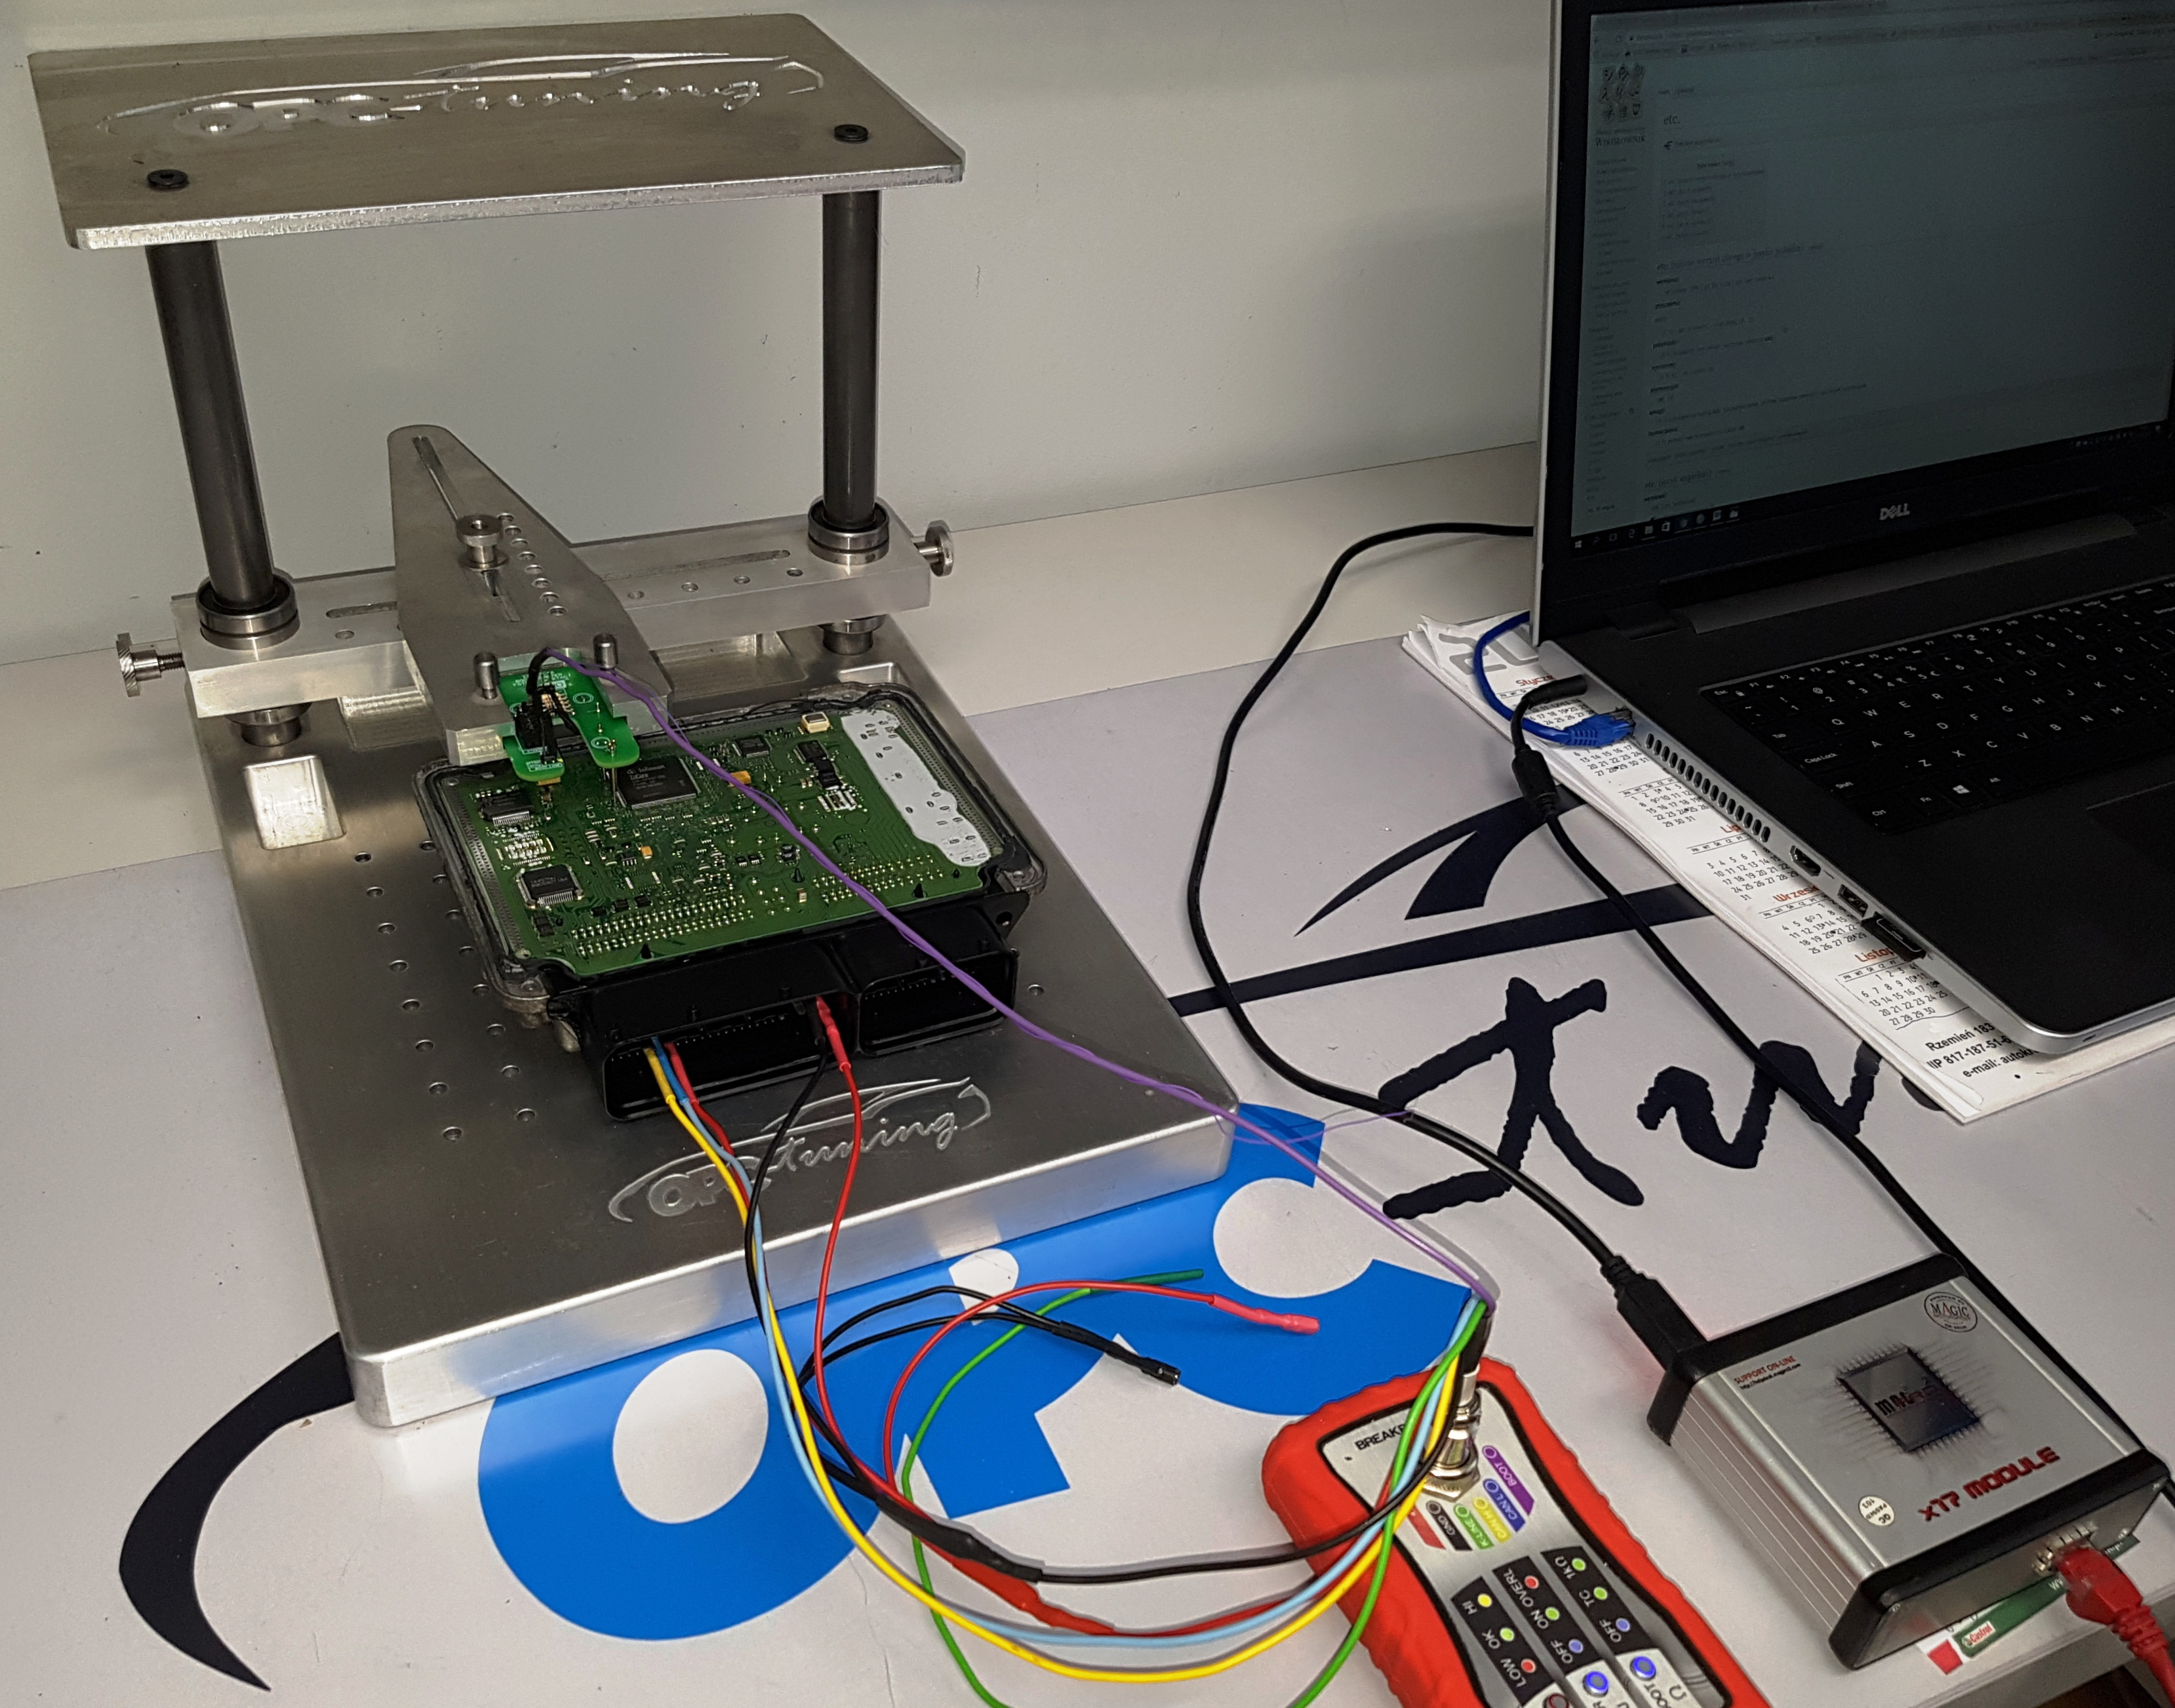 Sterownik edc17c46 podczas programowania